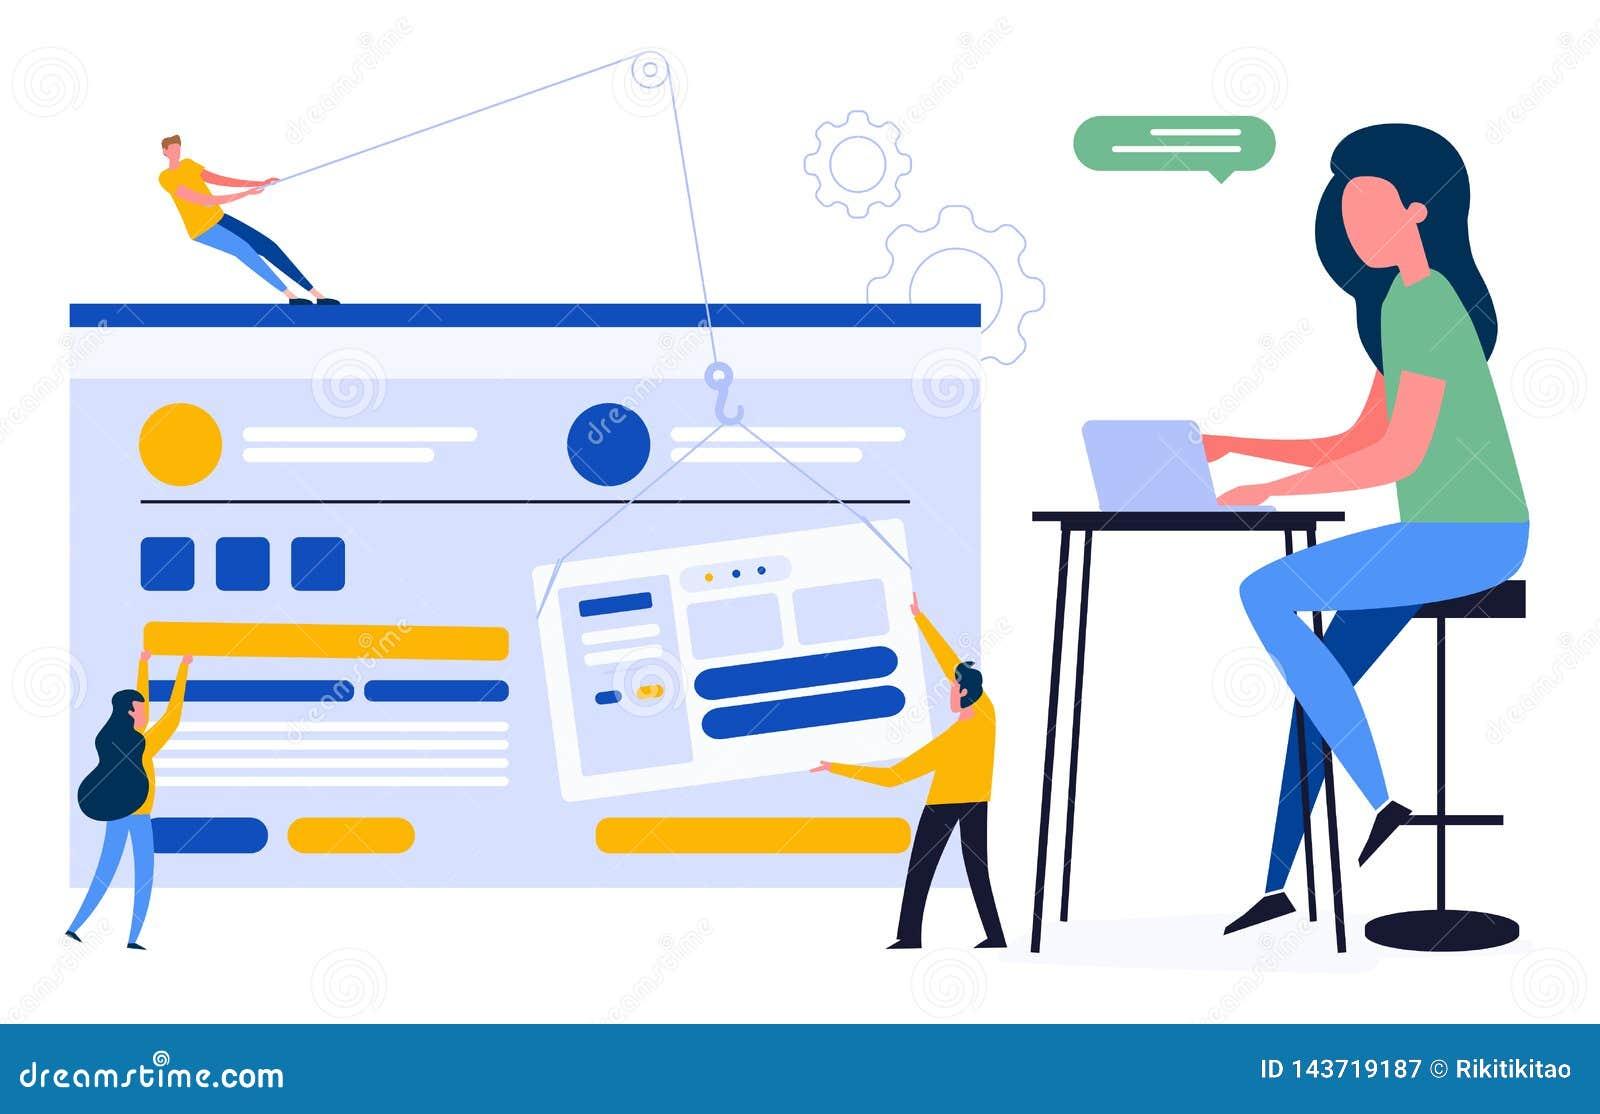 Kleurrijke illustratie van een klantgericht gebruikersvriendelijk ontwerp